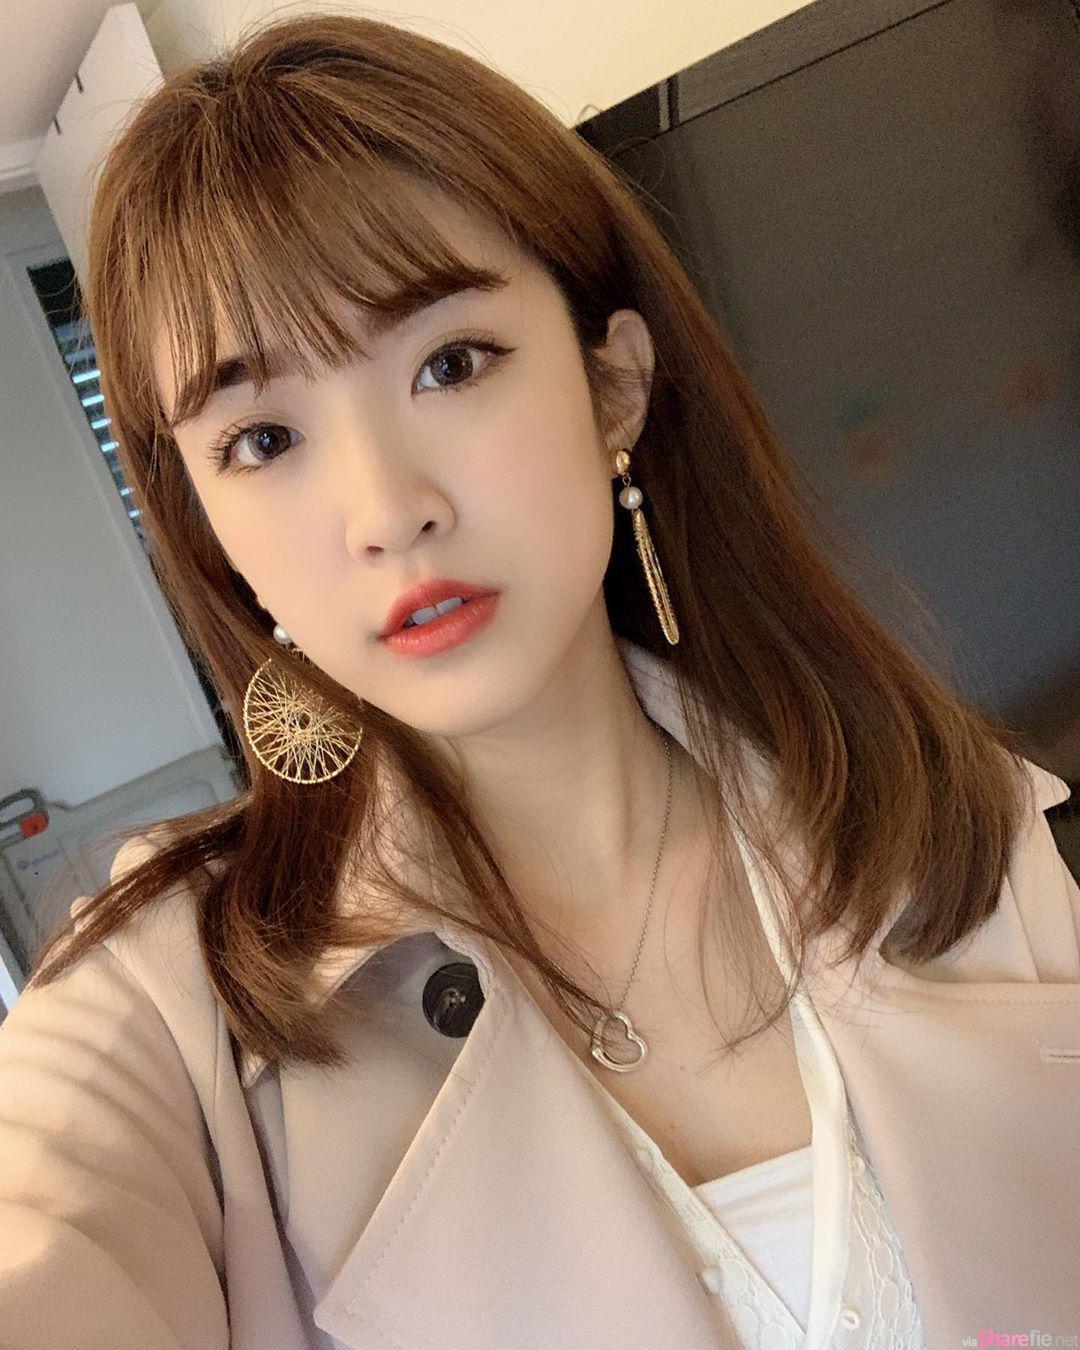 清新正妹萱萱,甜美笑容让人一秒就融化